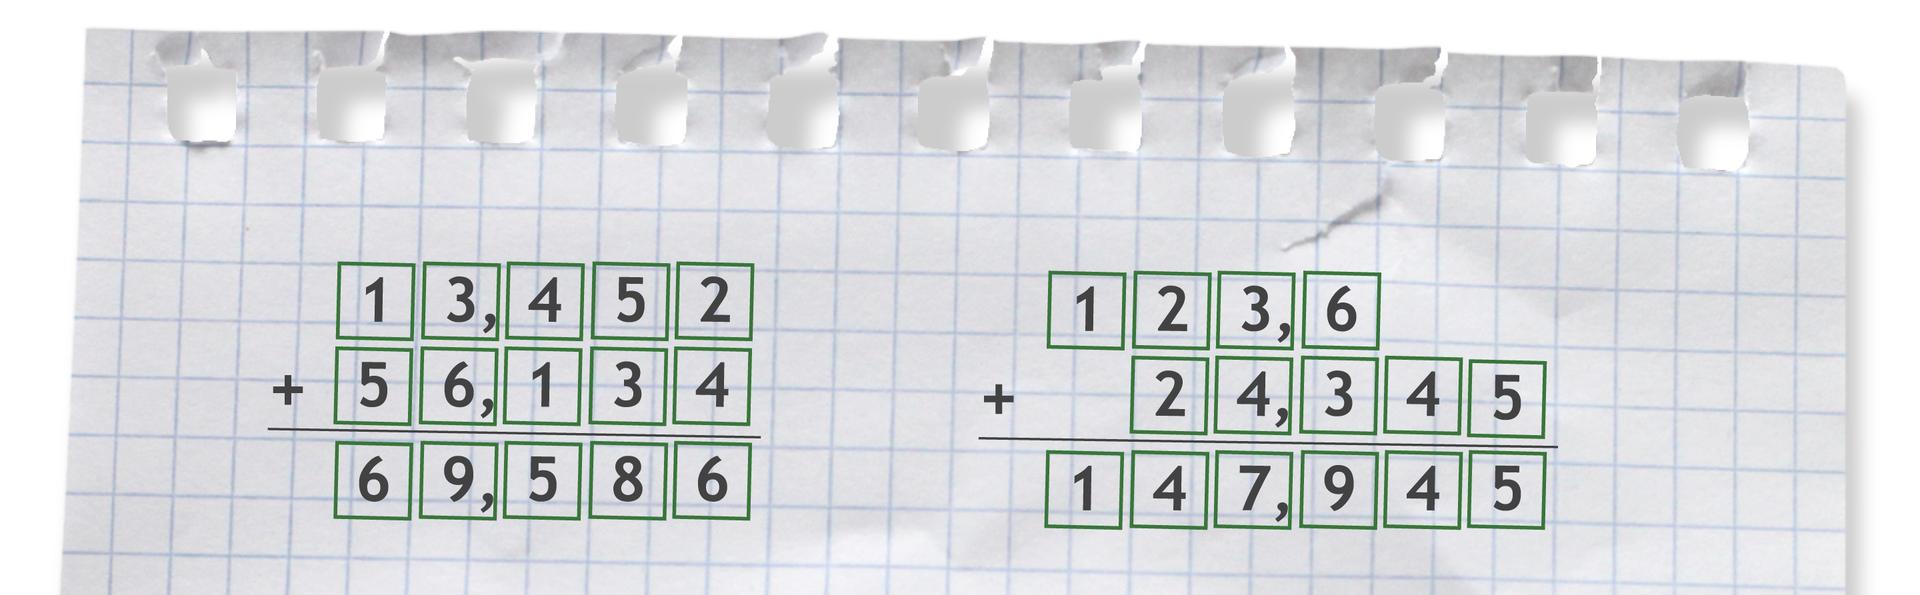 Przykłady dodawania sposobem pisemnym. Przykład pierwszy: 13,452 +56,134 =69,586. Przykład drugi: 123,6 +24,345 = 147,945. Cyfry całości zapisane są pod całościami, części dziesiętne pod częściami dziesiętnymi, części setne pod częściami setnymi, części tysięczne pod częściami tysięcznymi, itd. Przecinek jednej liczby jest zapisany pod przecinkiem drugiej liczby.